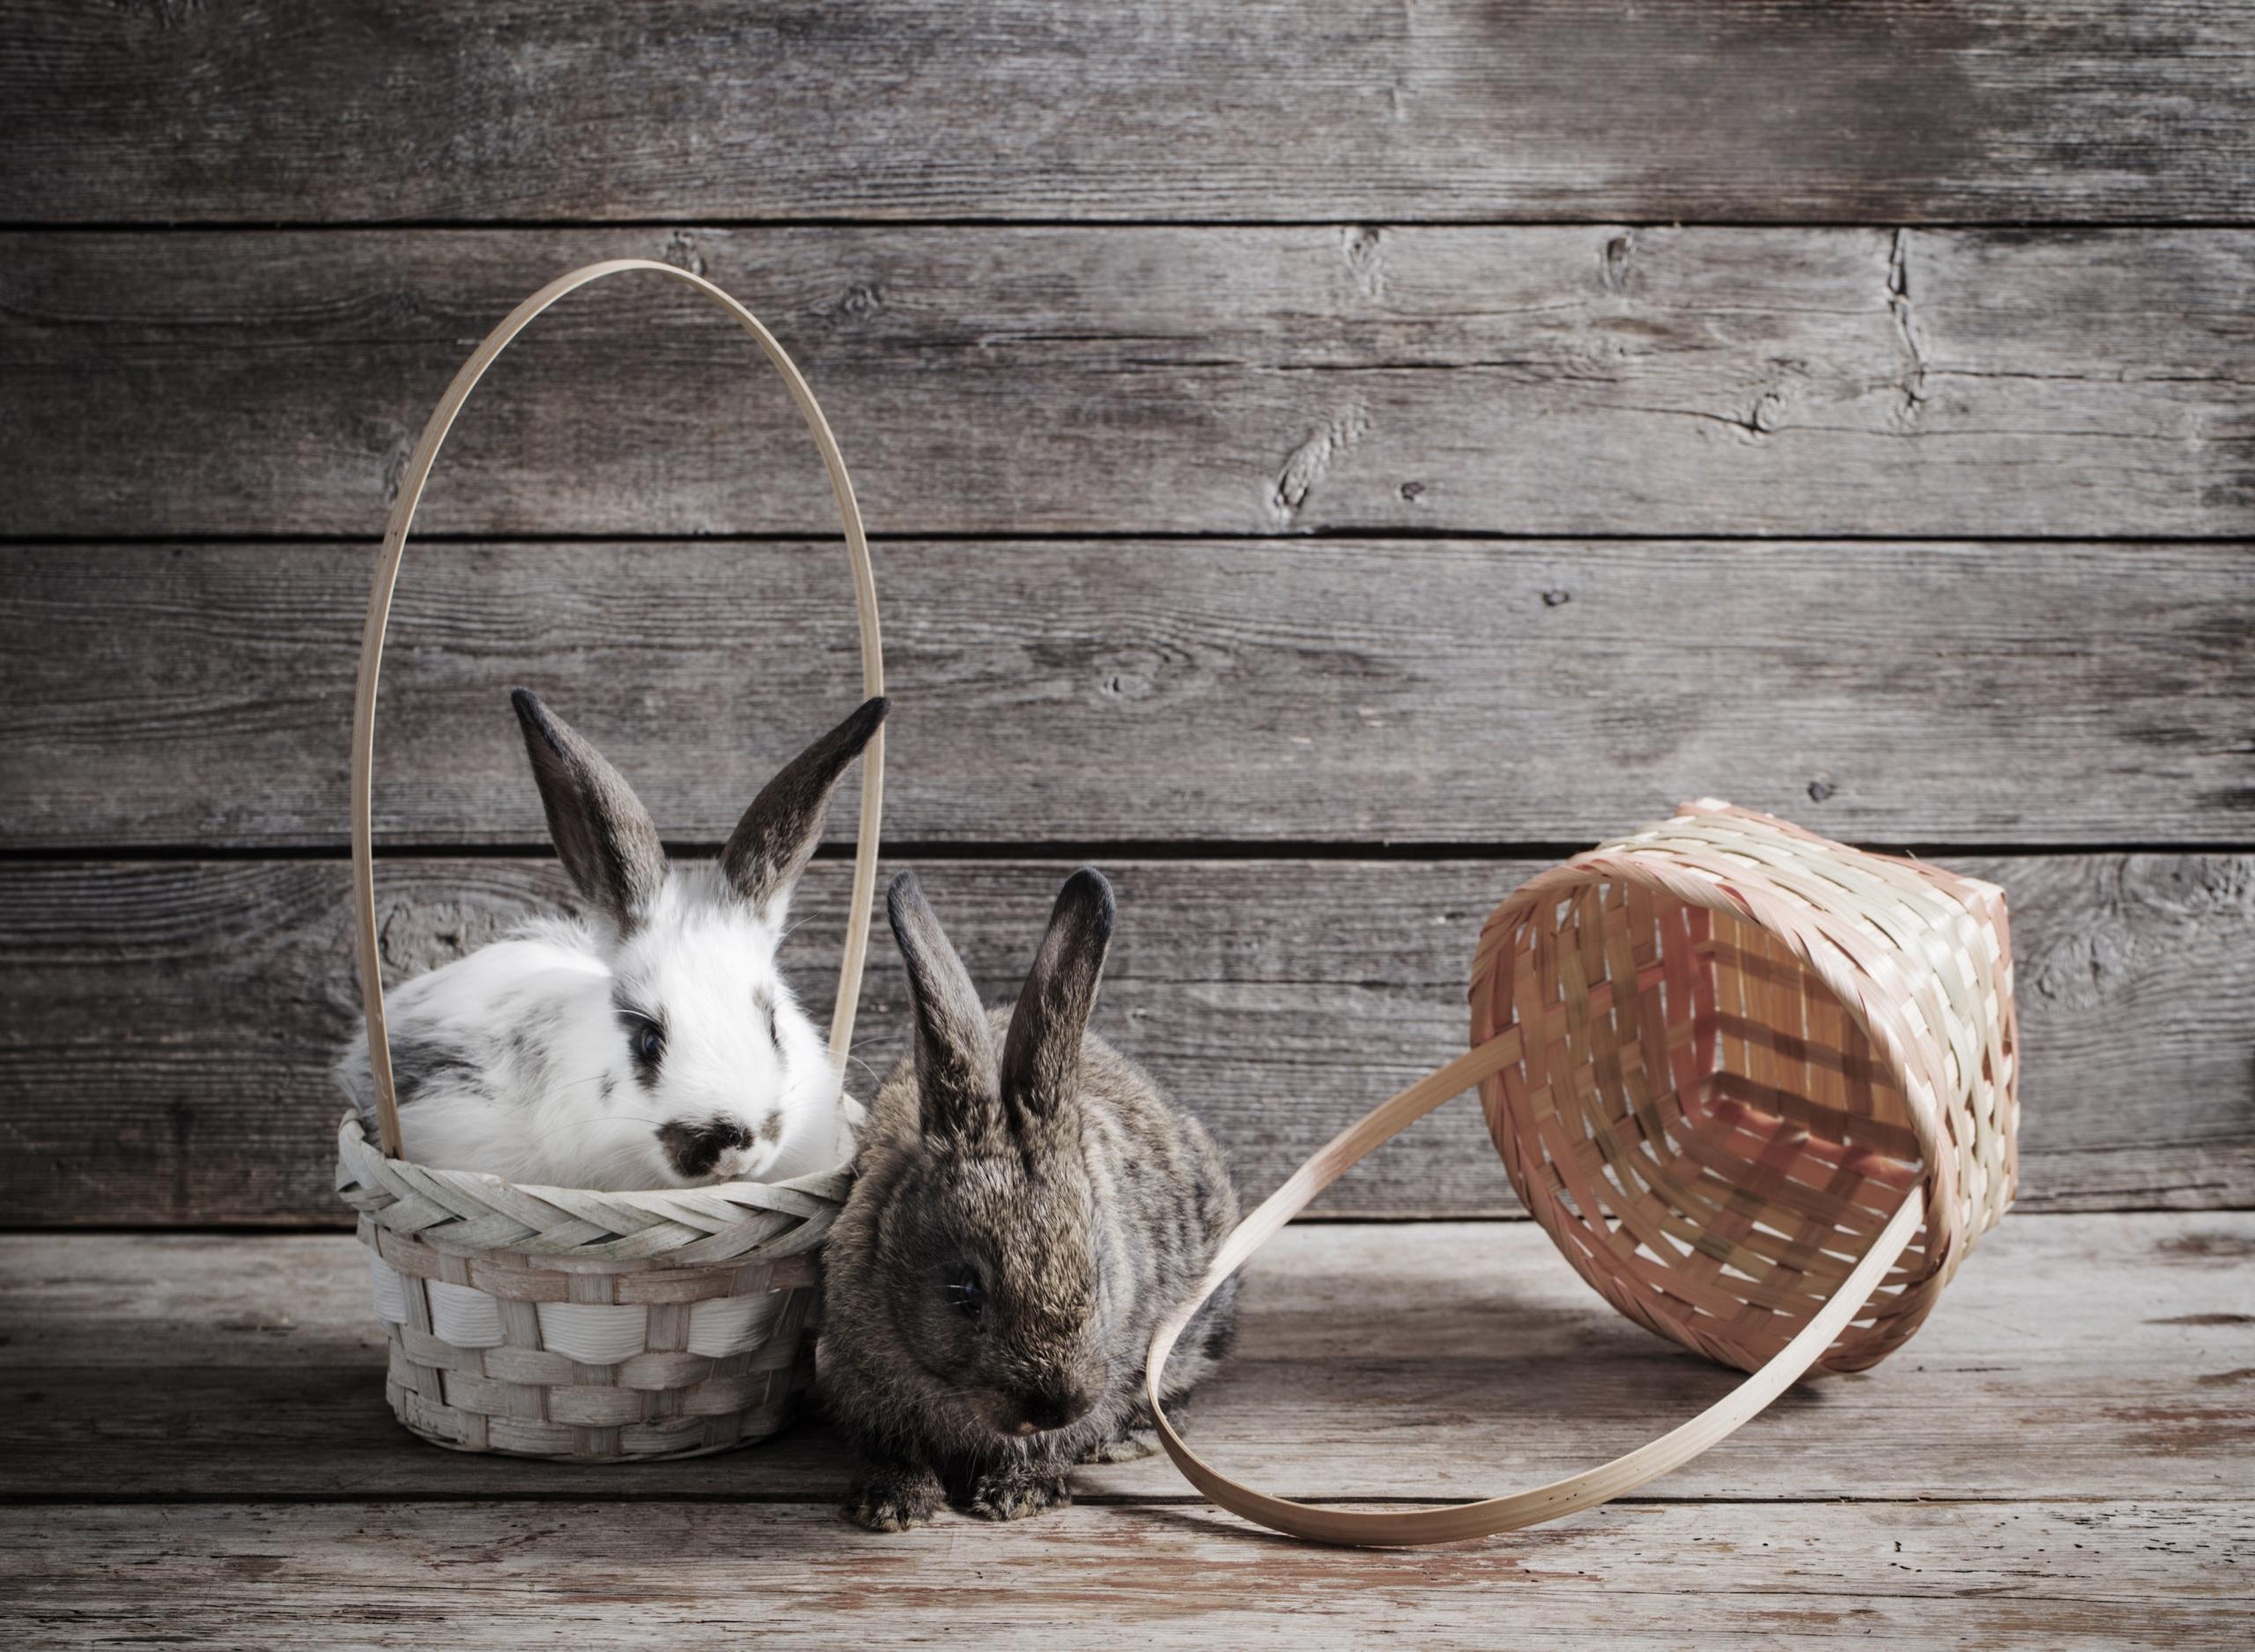 Фото Кролики две Корзина Стена животное Доски 2560x1876 кролик 2 два Двое вдвоем корзины Корзинка стене стены стенка Животные